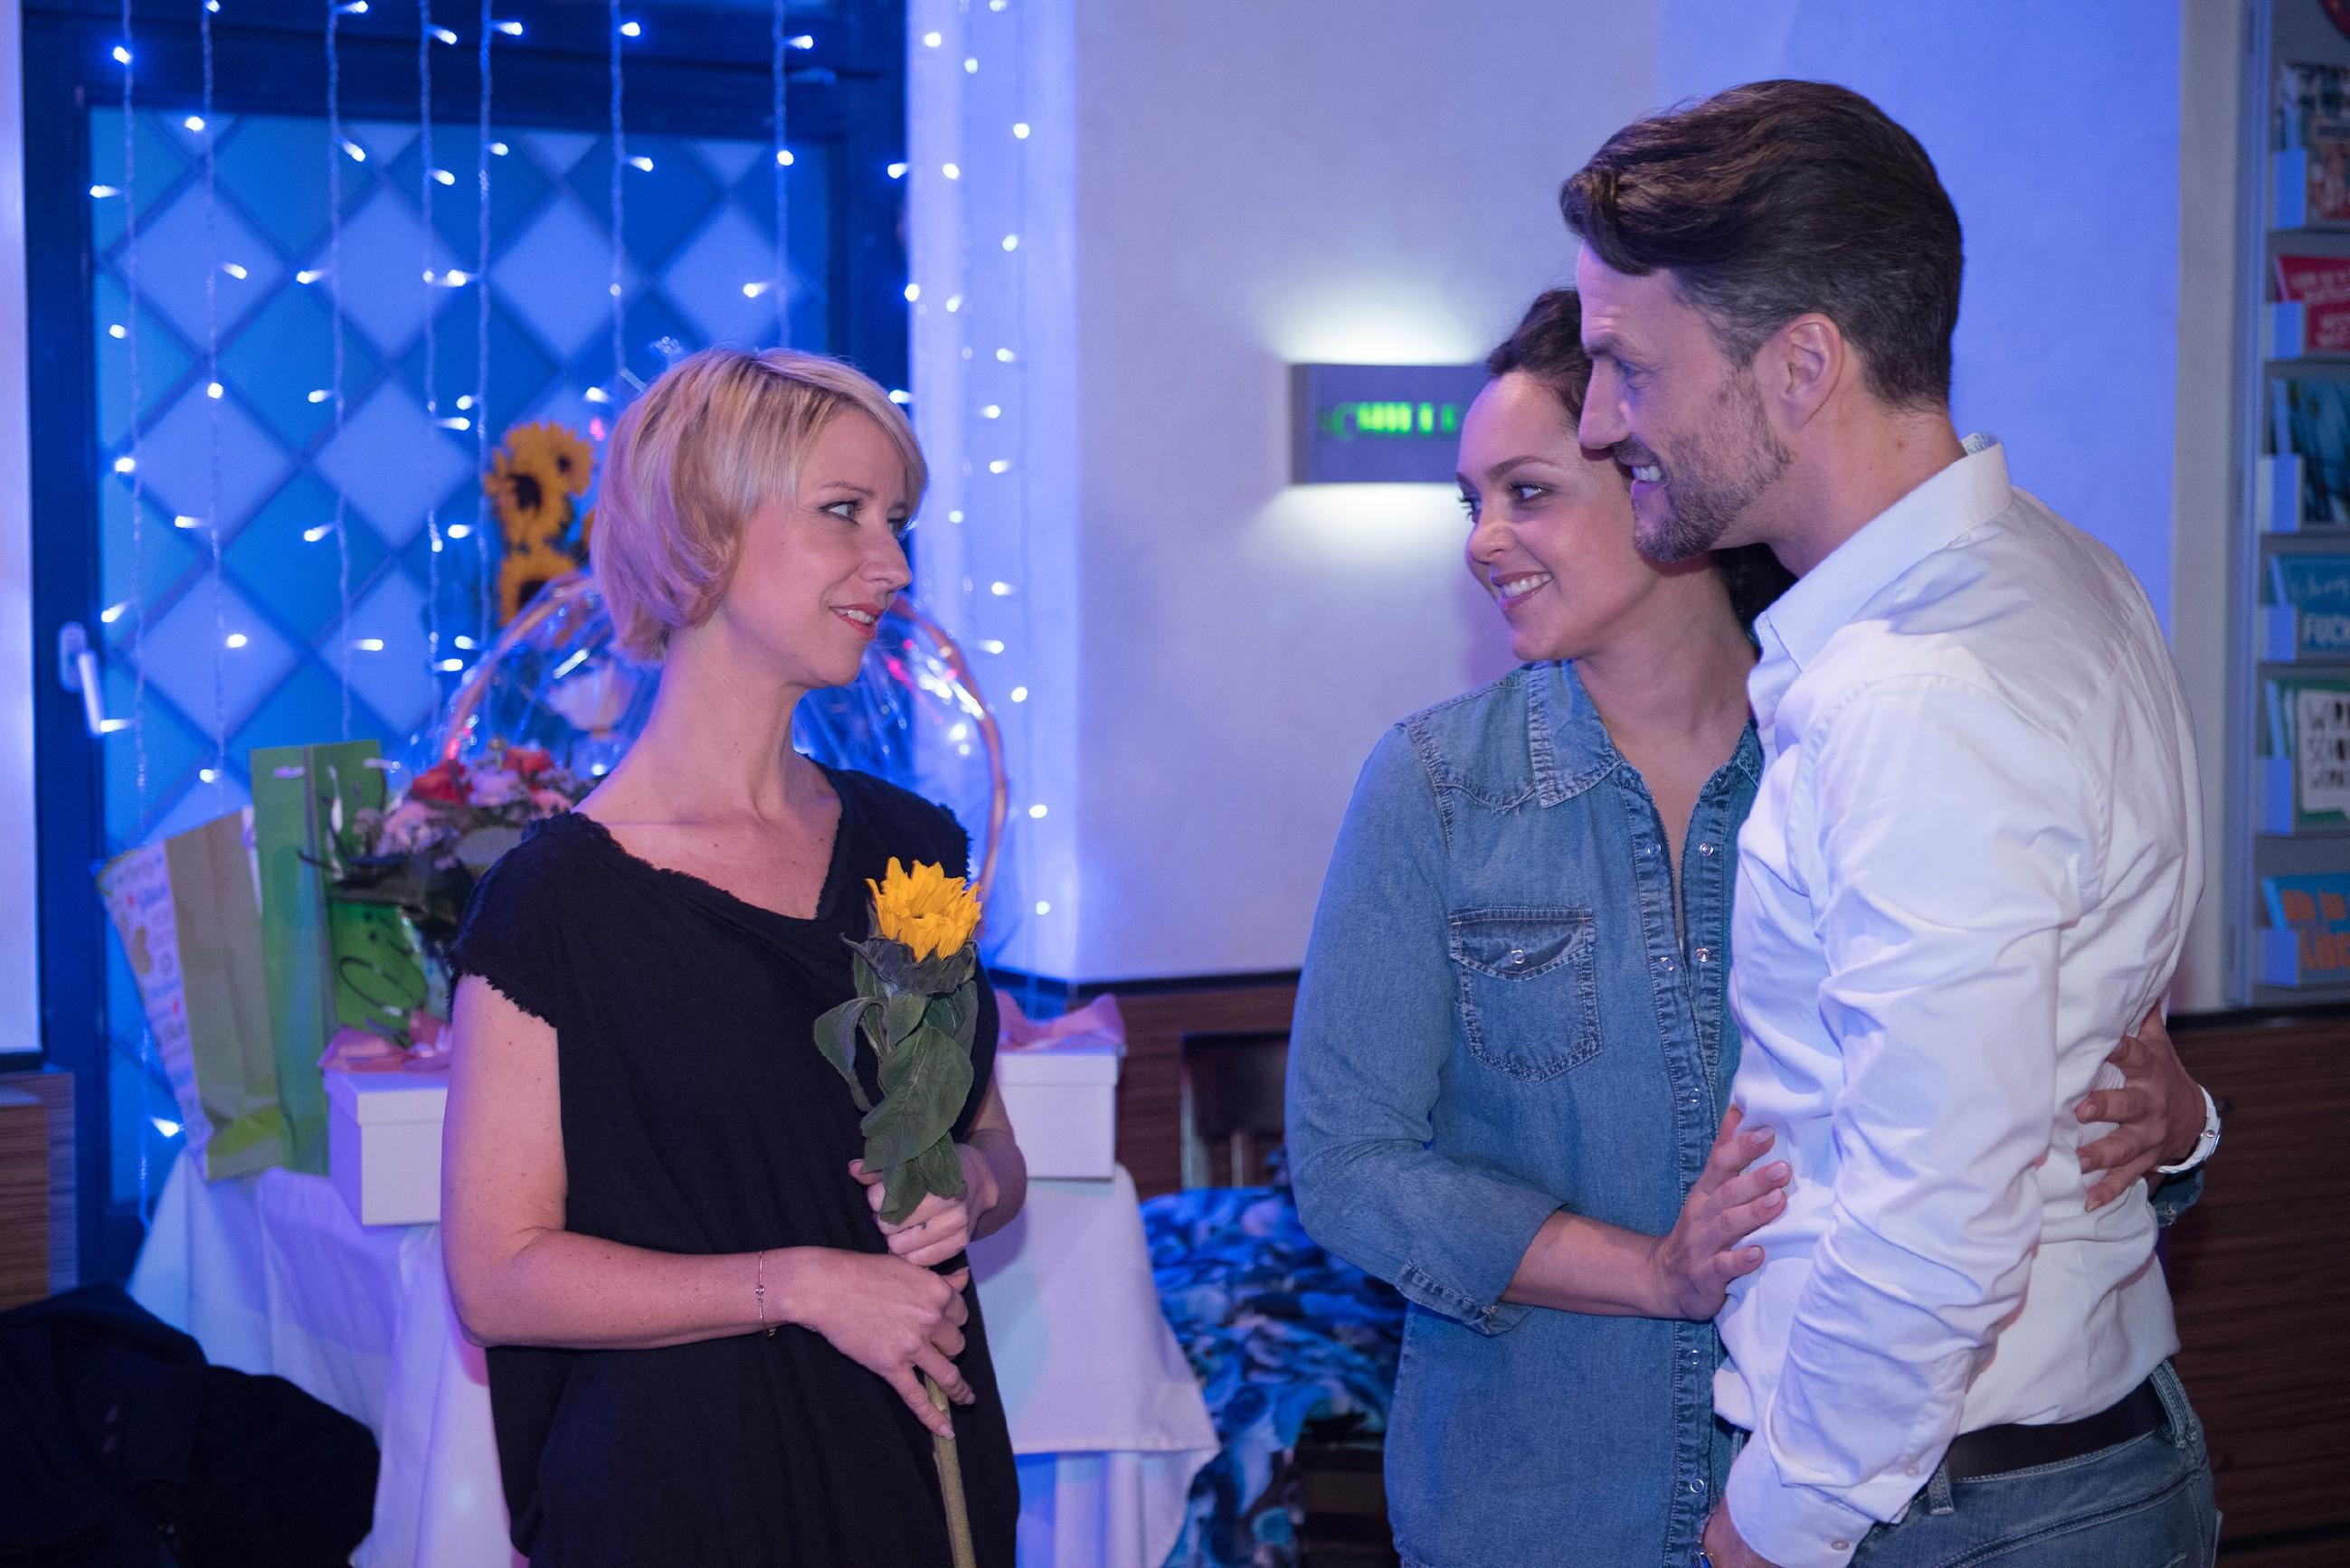 Glücklich stellt Ute (Isabell Hertel, l.) an ihrem vierzigsten Geburtstag fest, dass sie mit Caro (Ines Kurenbach) und Malte (Stefan Bockelmann) tolle Freunde hat. (Quelle: RTL / Stefan Behrens)